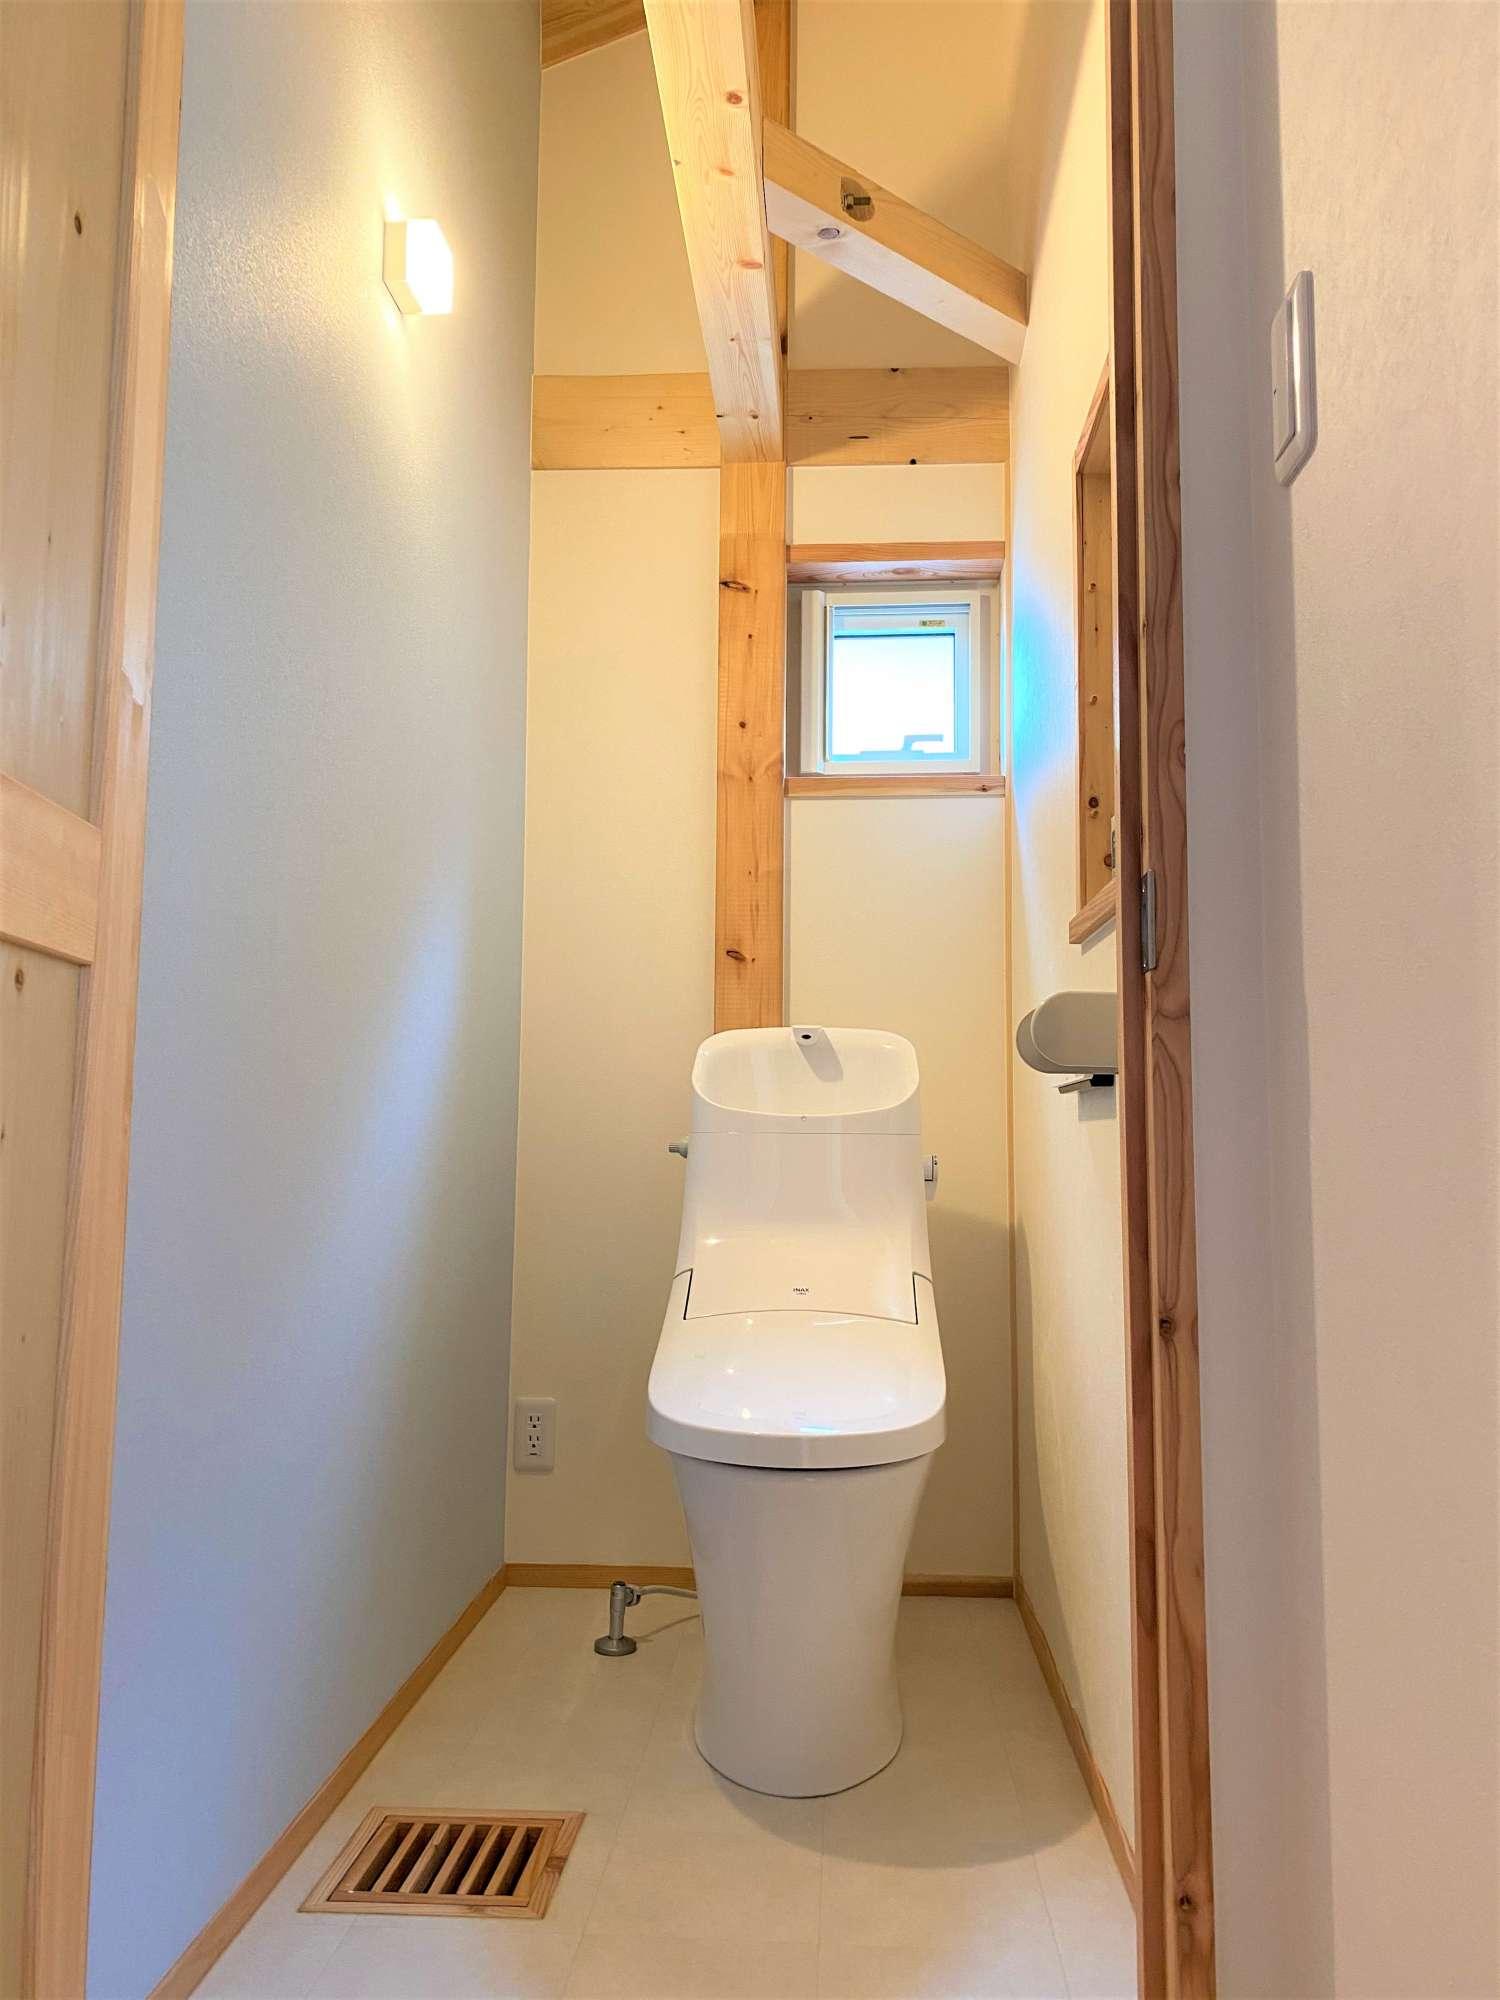 2階 トイレ -  -  -